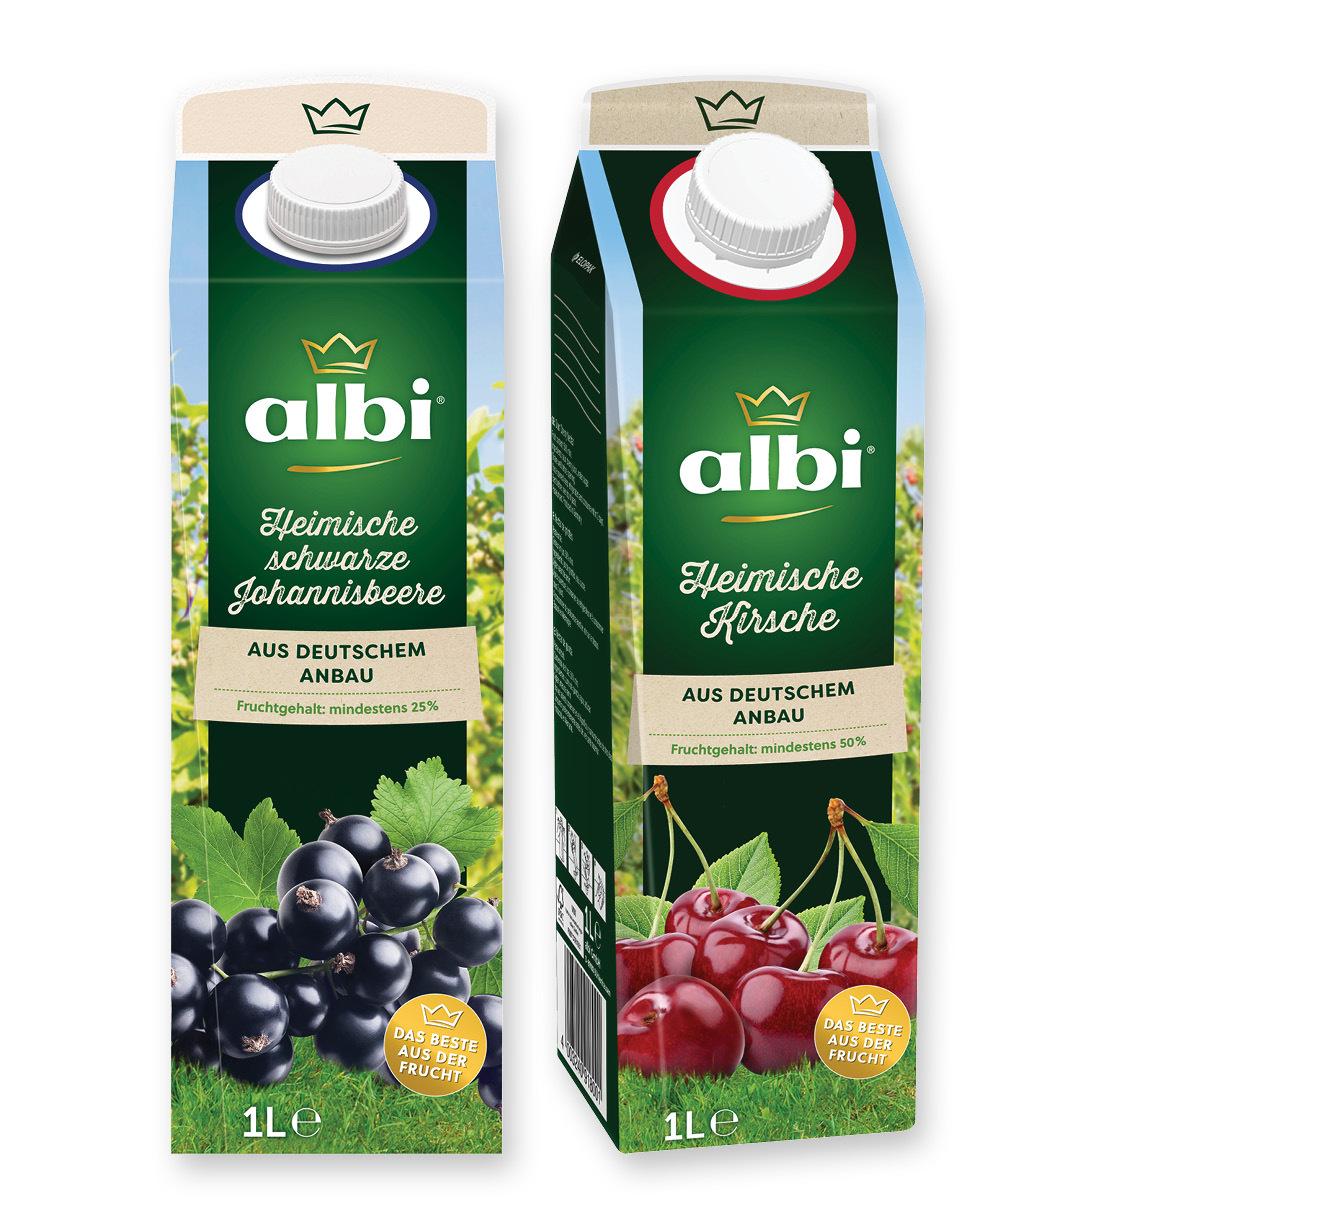 albi Saft, Nektar oder Fruchtsaftgetränk